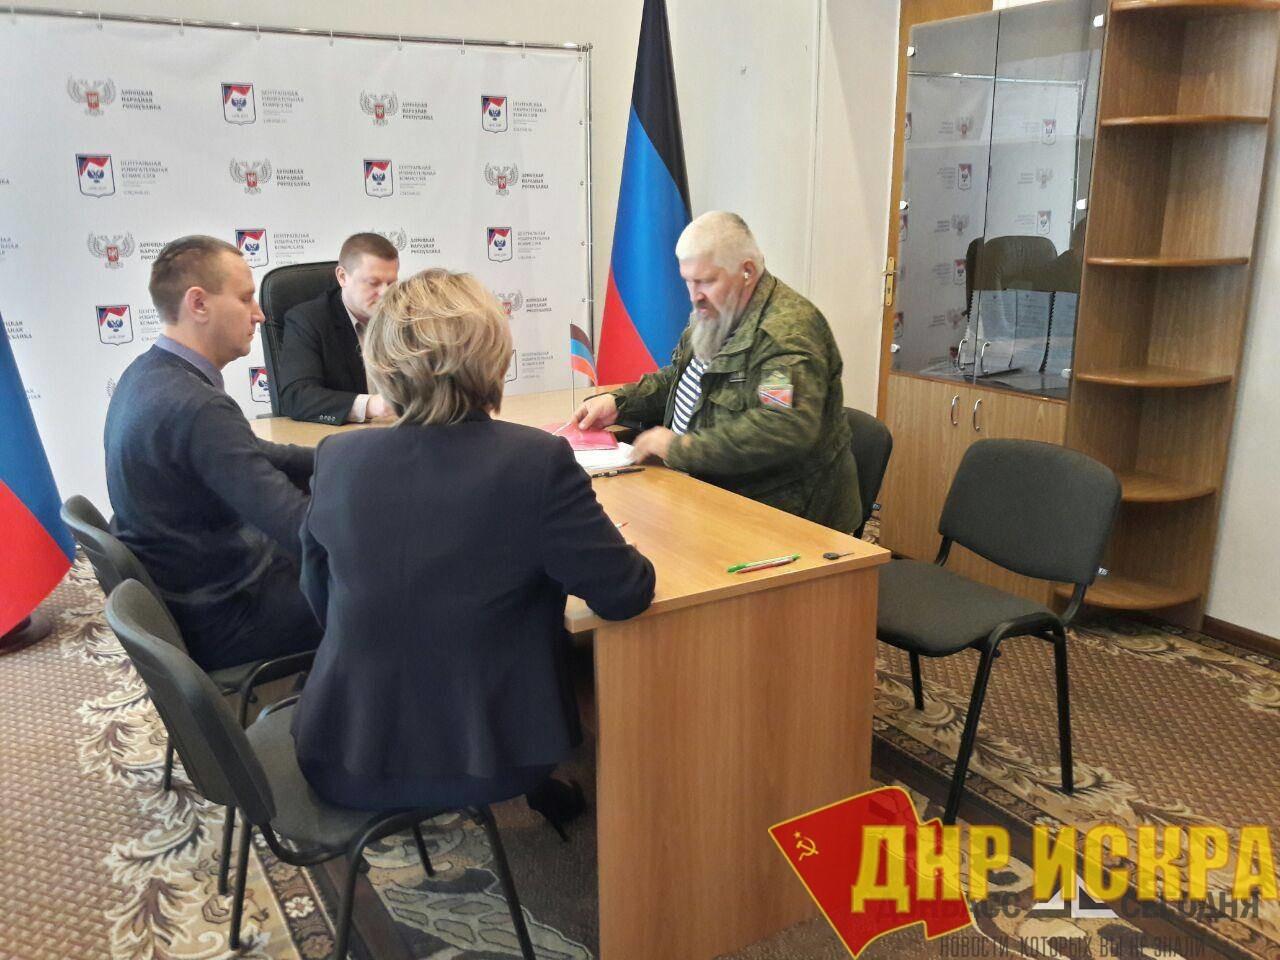 Определён список кандидатов на выборы Главы ДНР